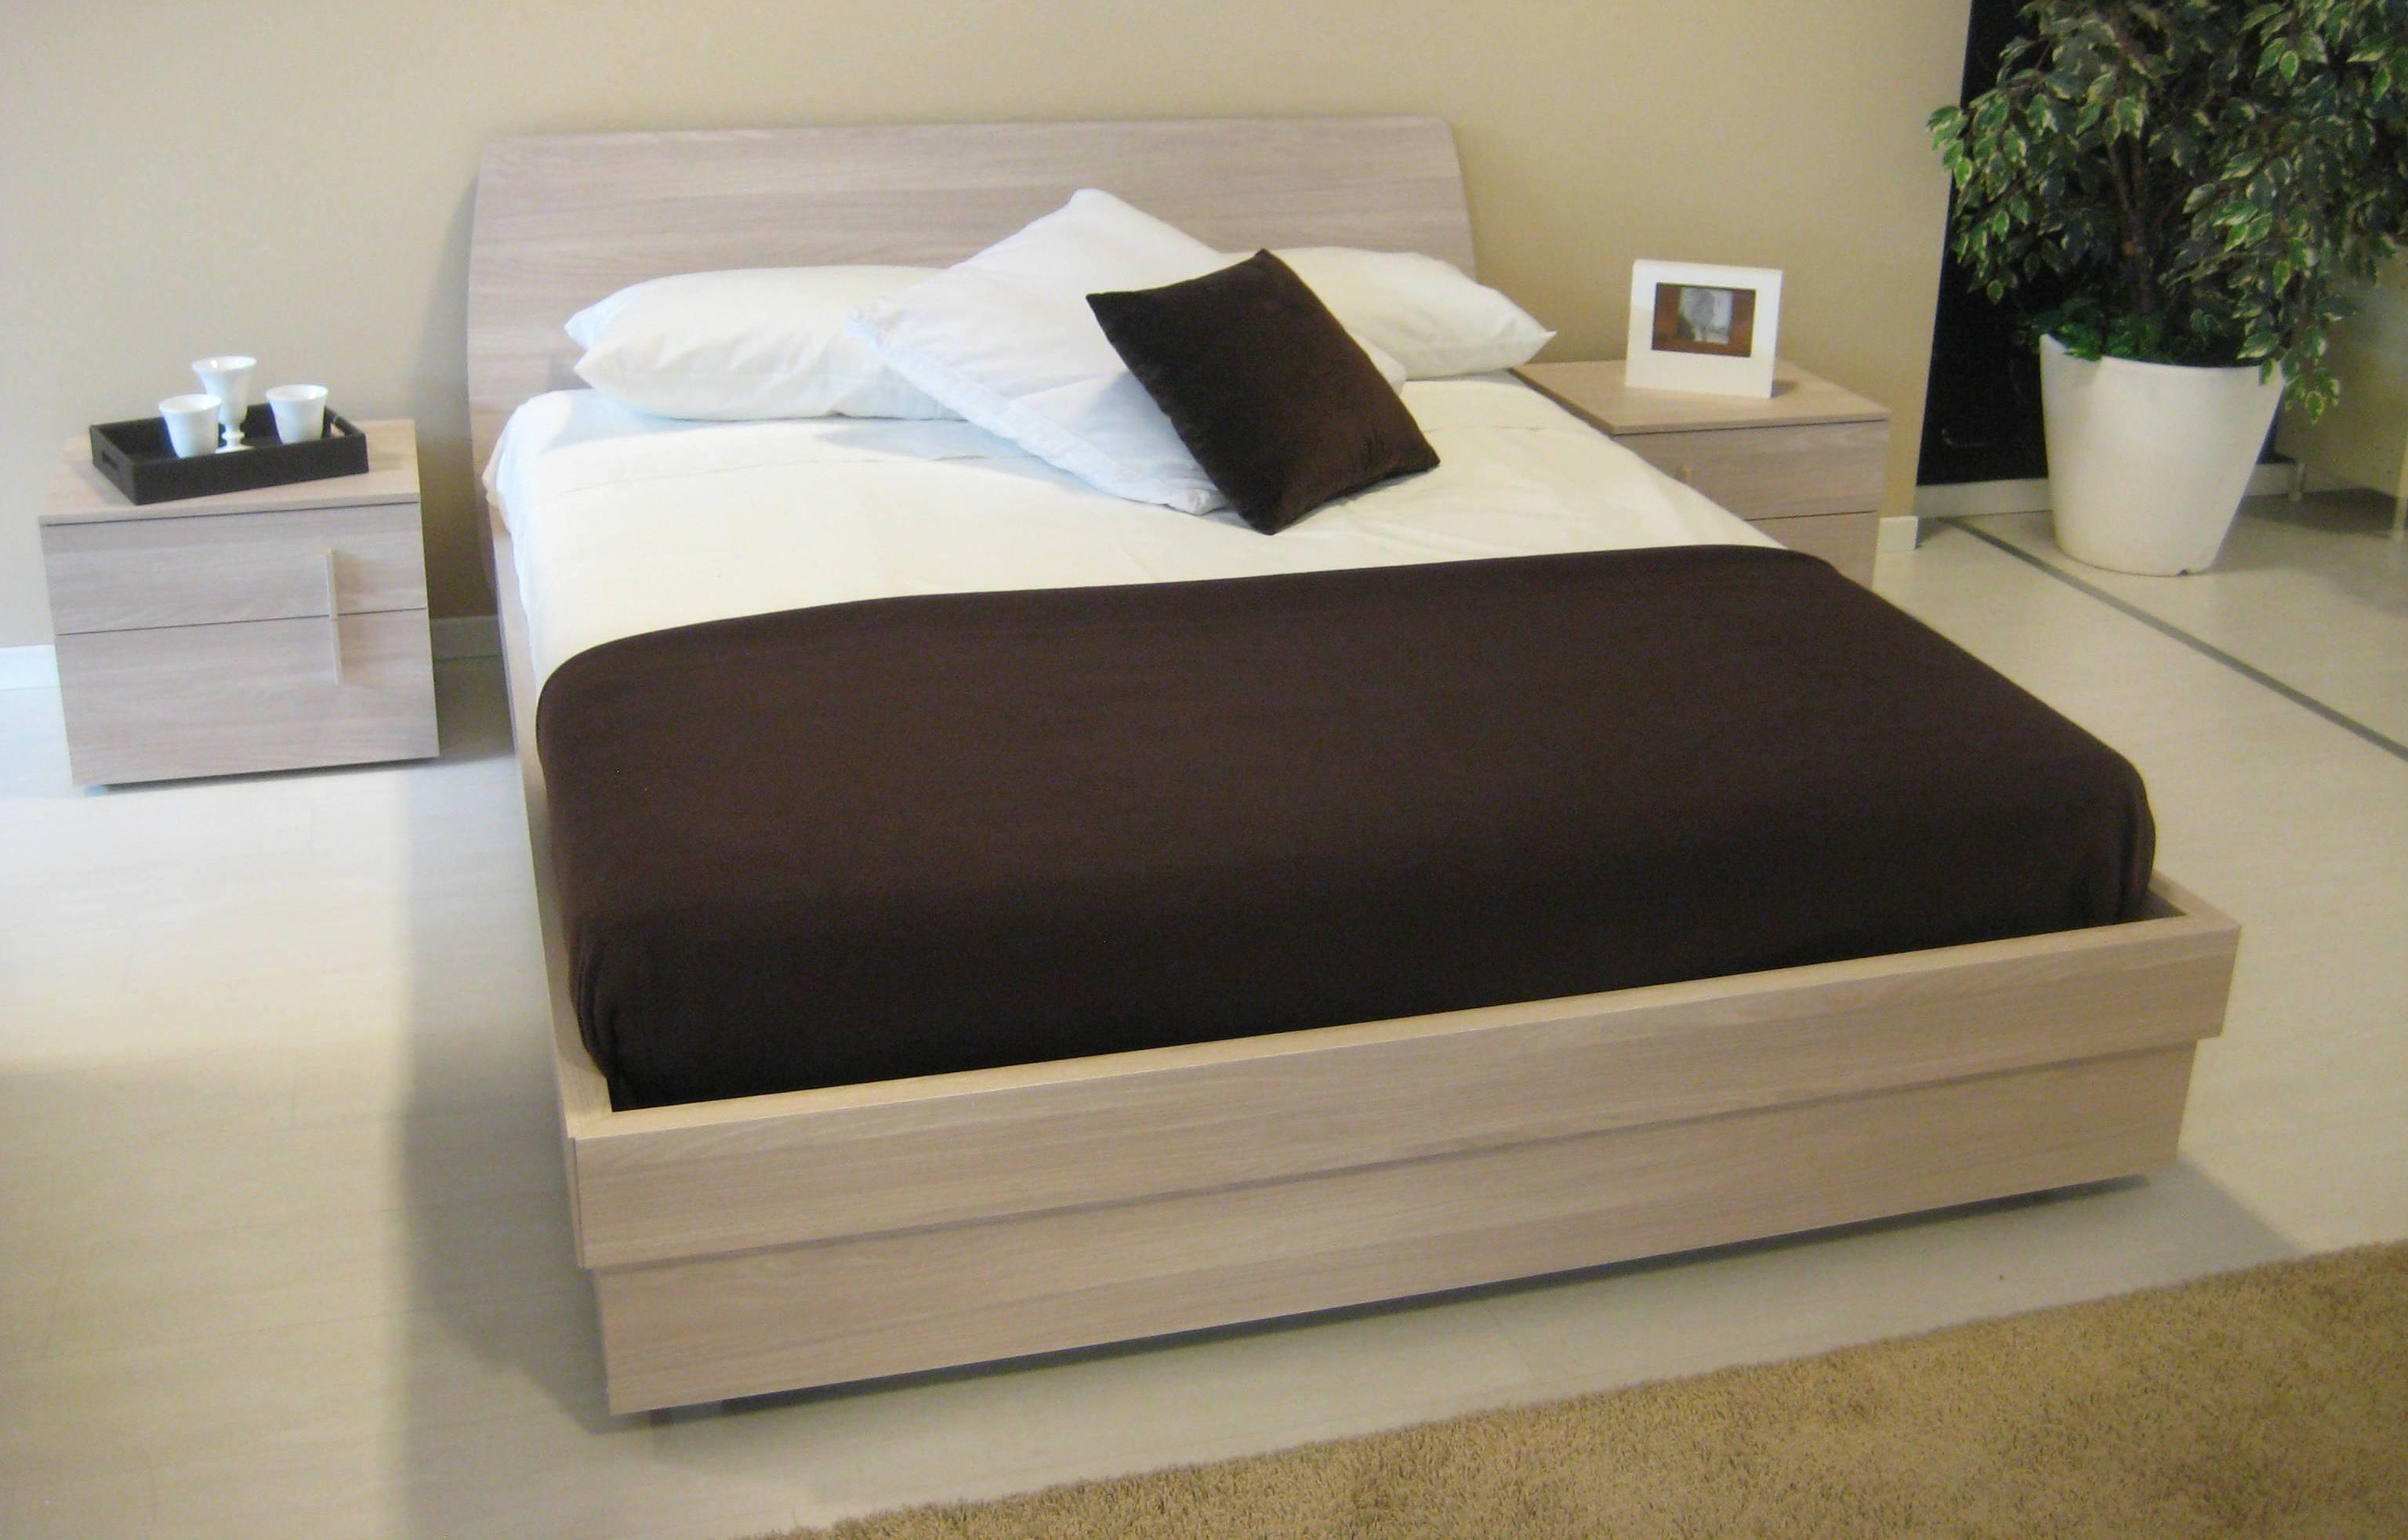 Camera con letto contenitore nuovissima camere a - Letto con contenitore ...